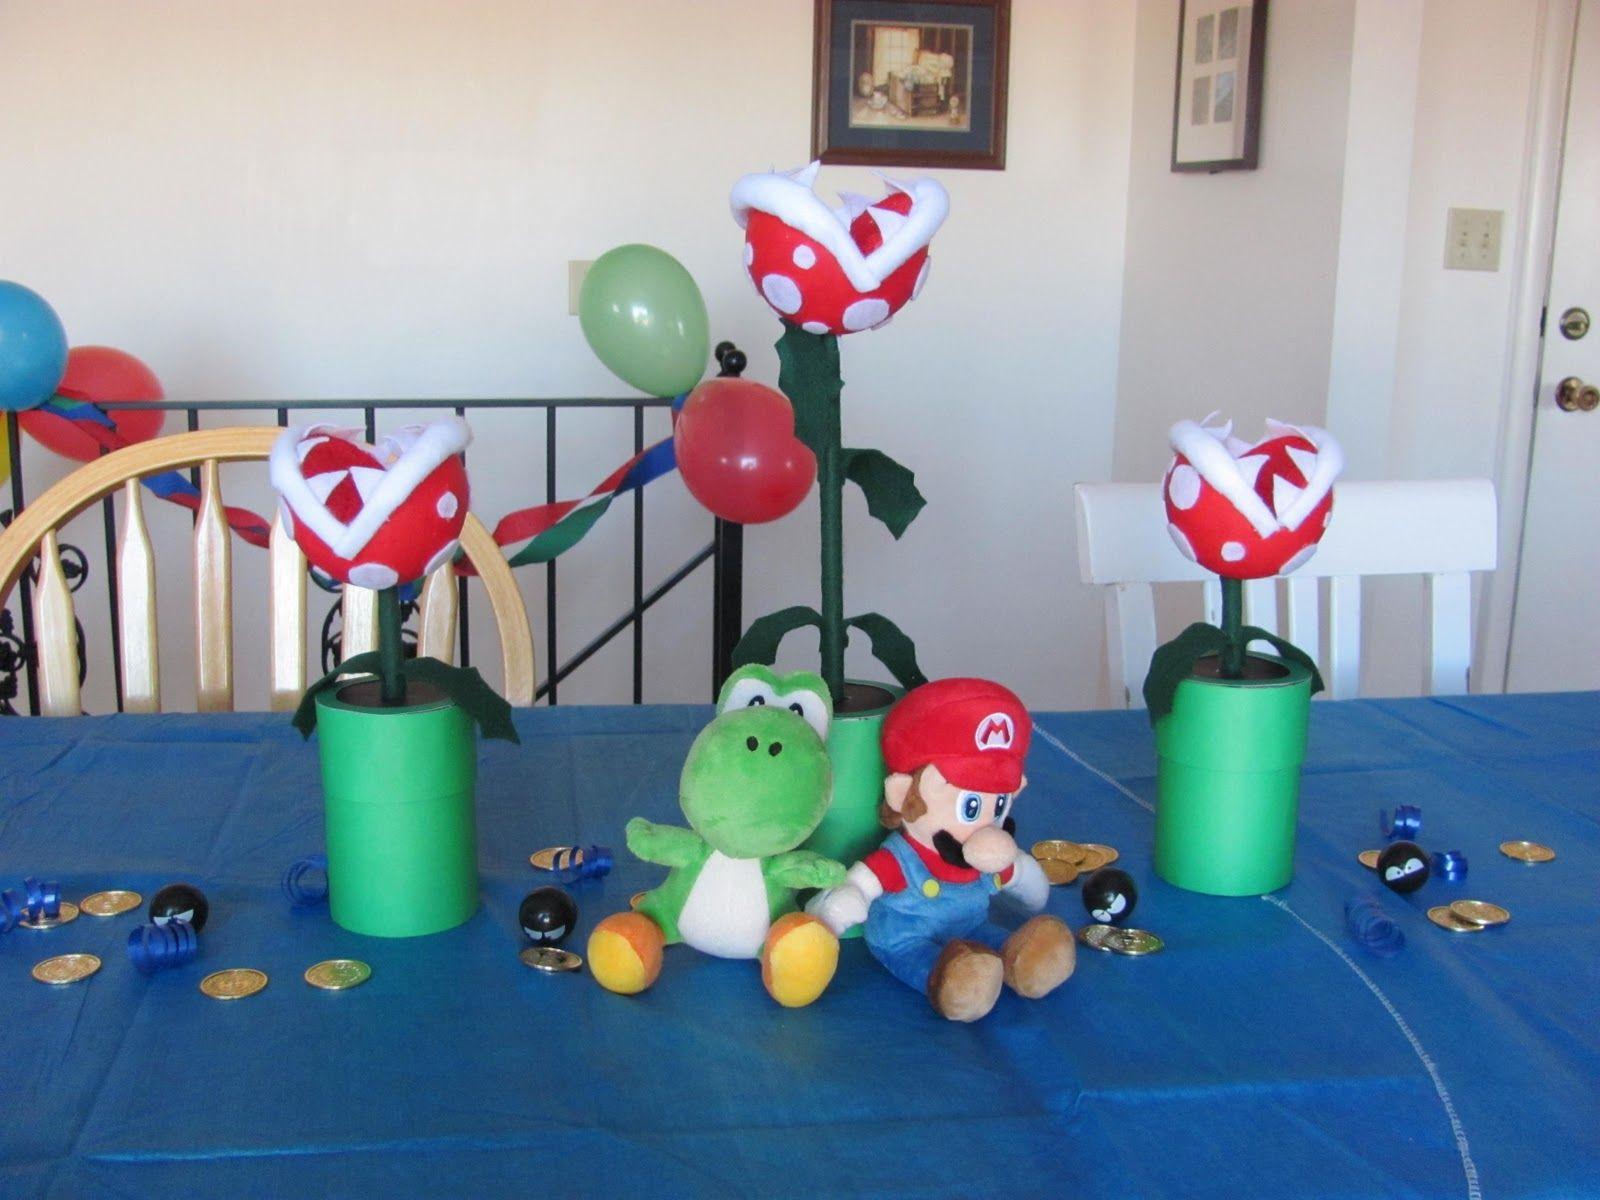 super mario birthday party centerpieces